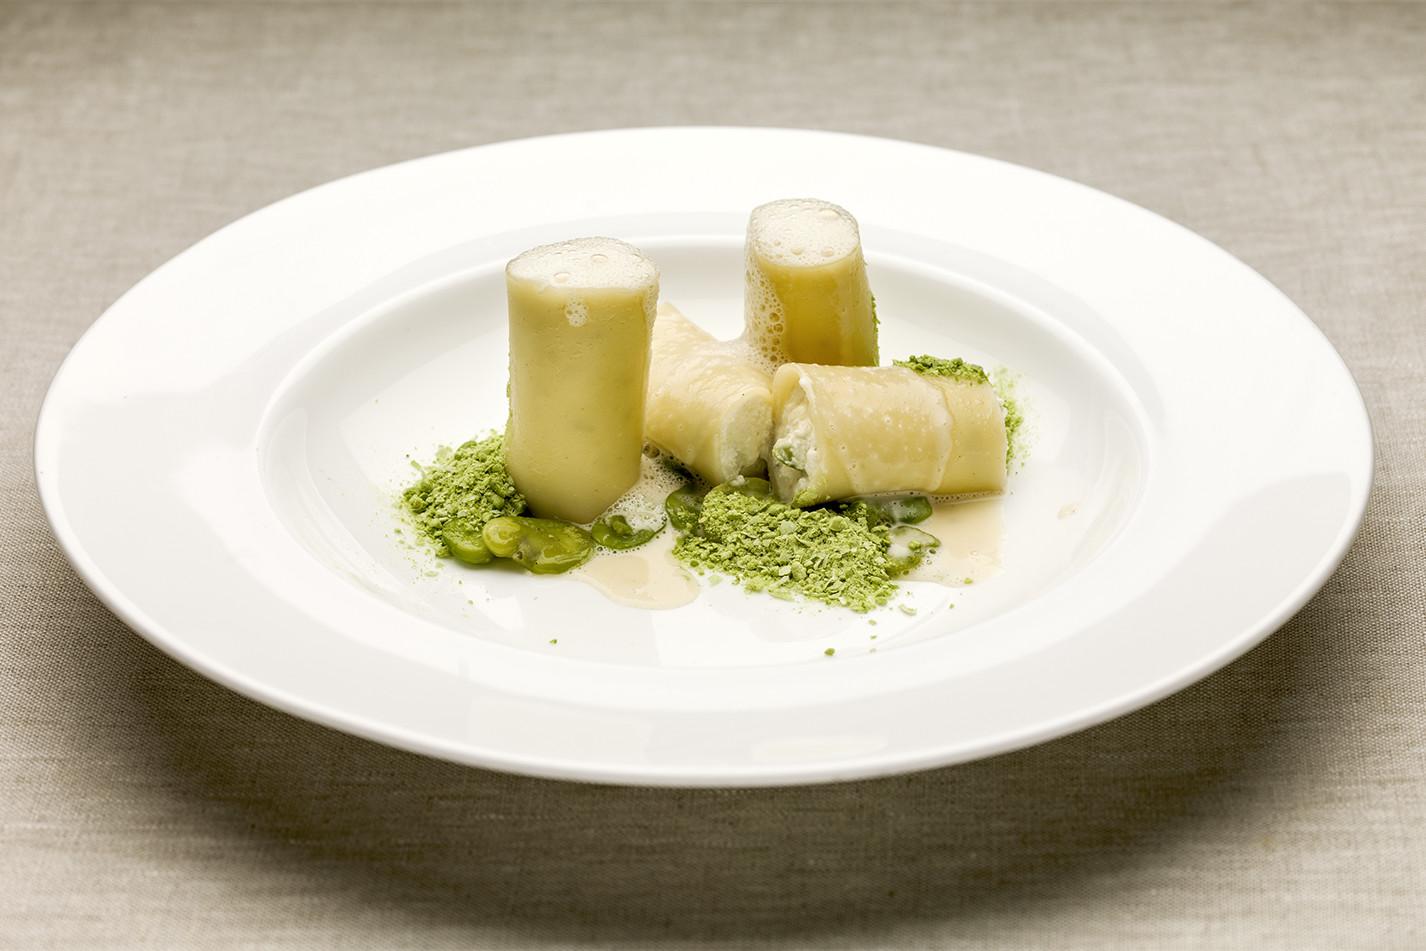 Mark Delia's dish